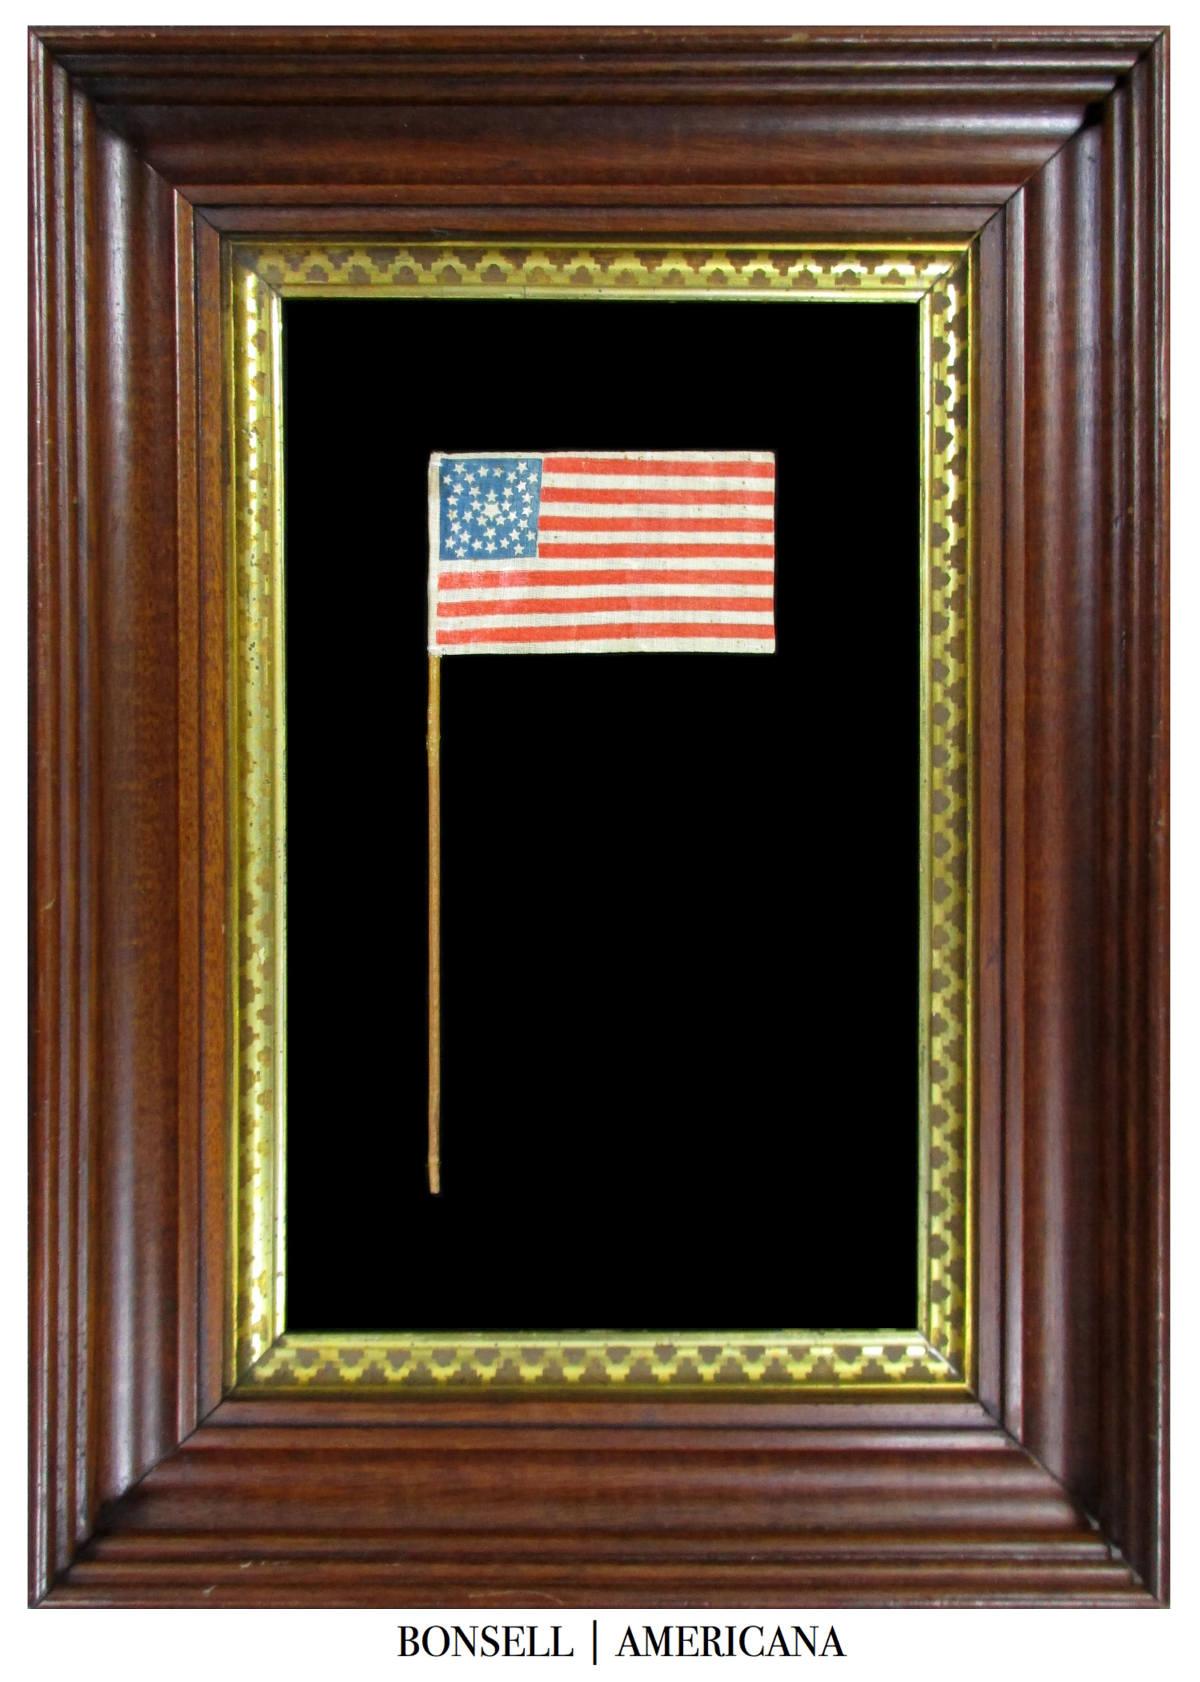 Civil War Era 36 Star Antique Flag with Medallion Star Pattren